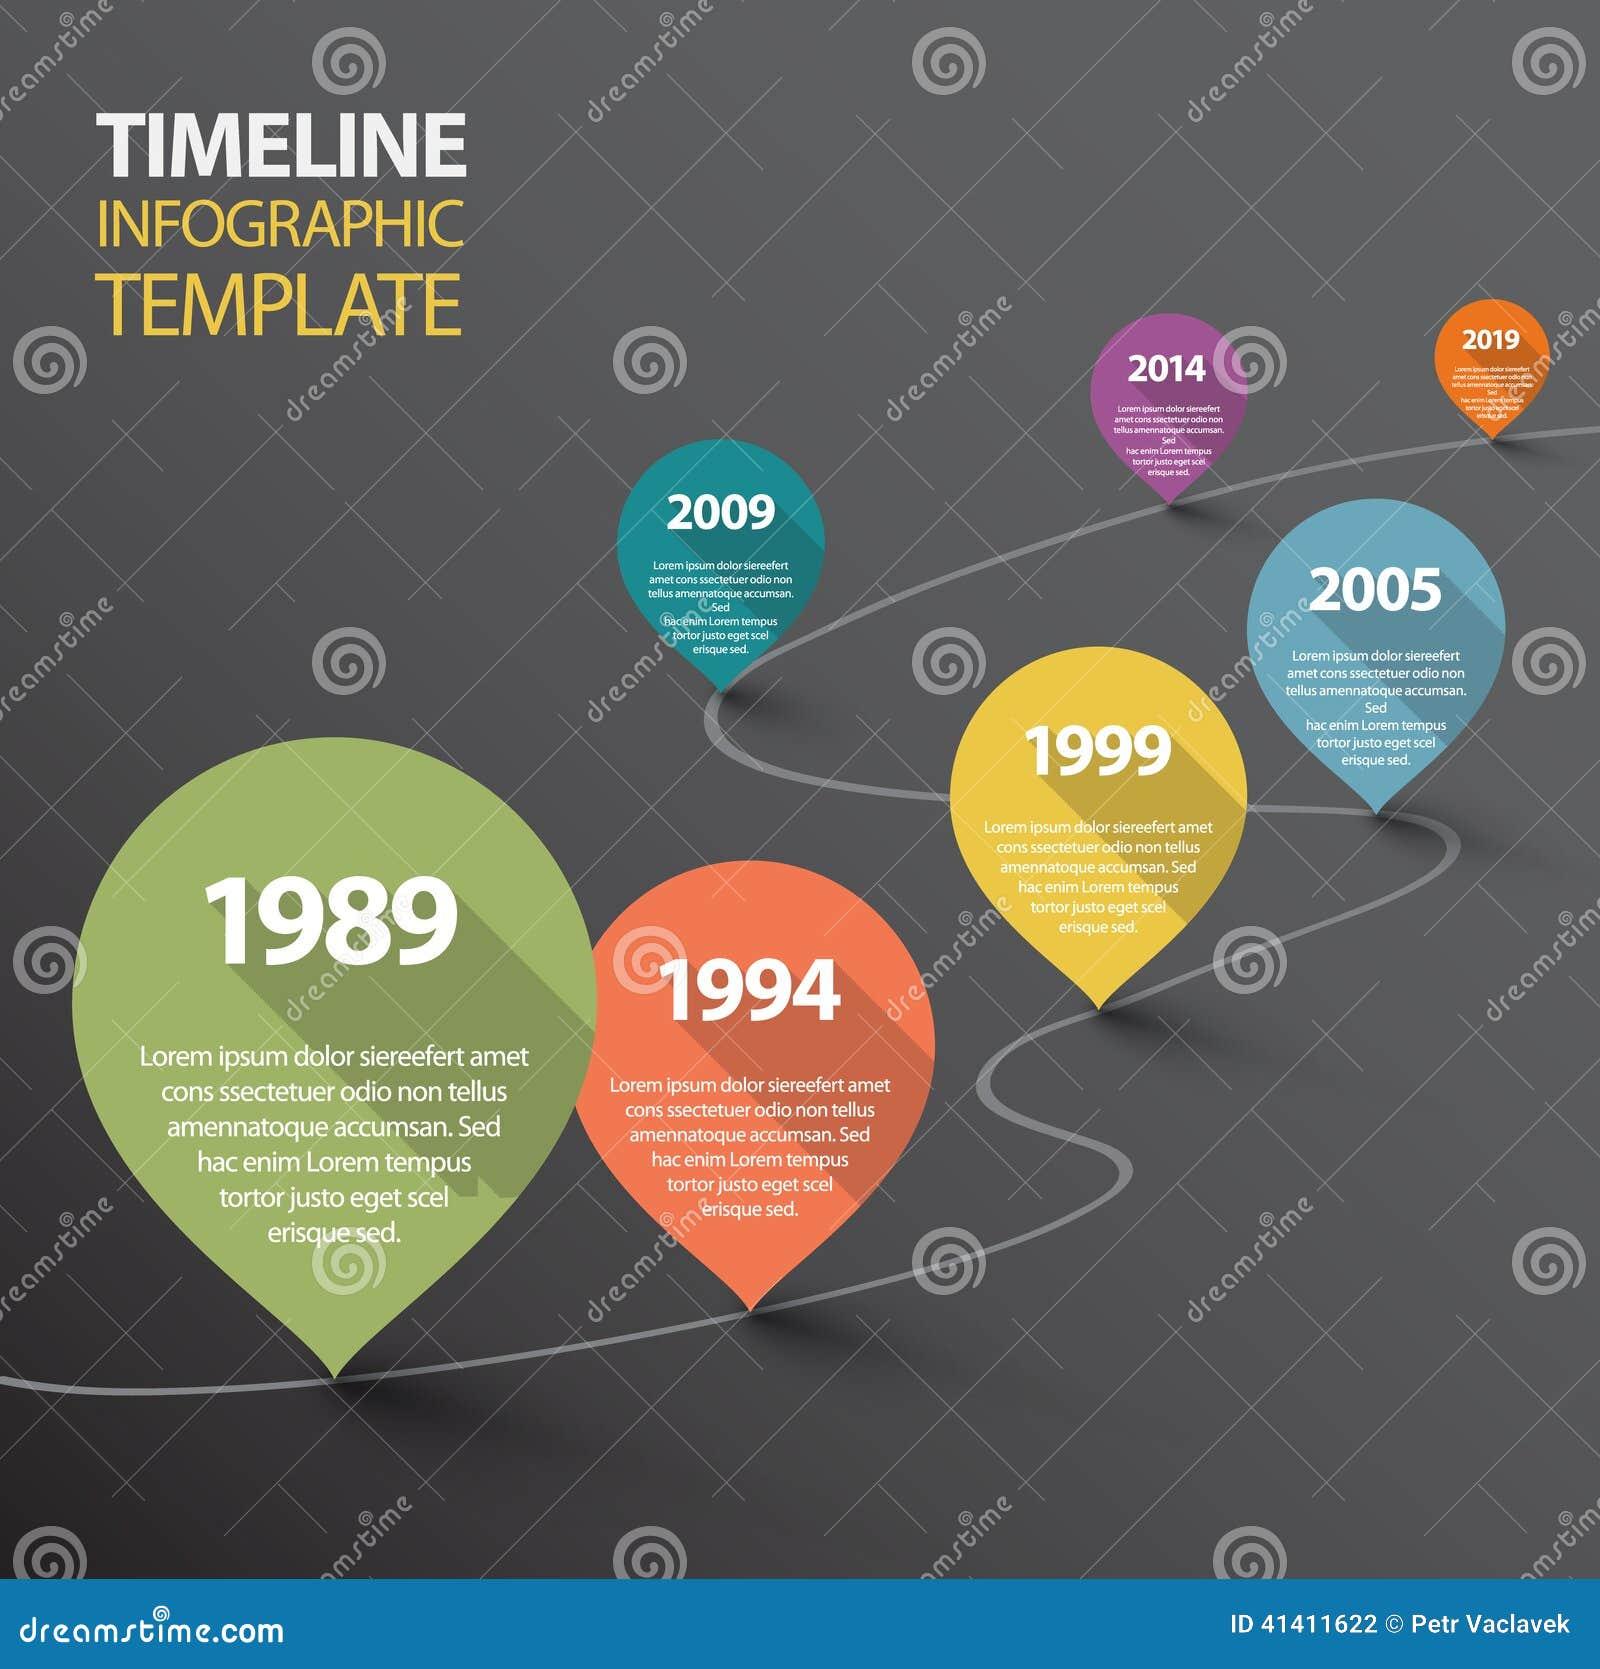 Infographic timeline clothing of ireland